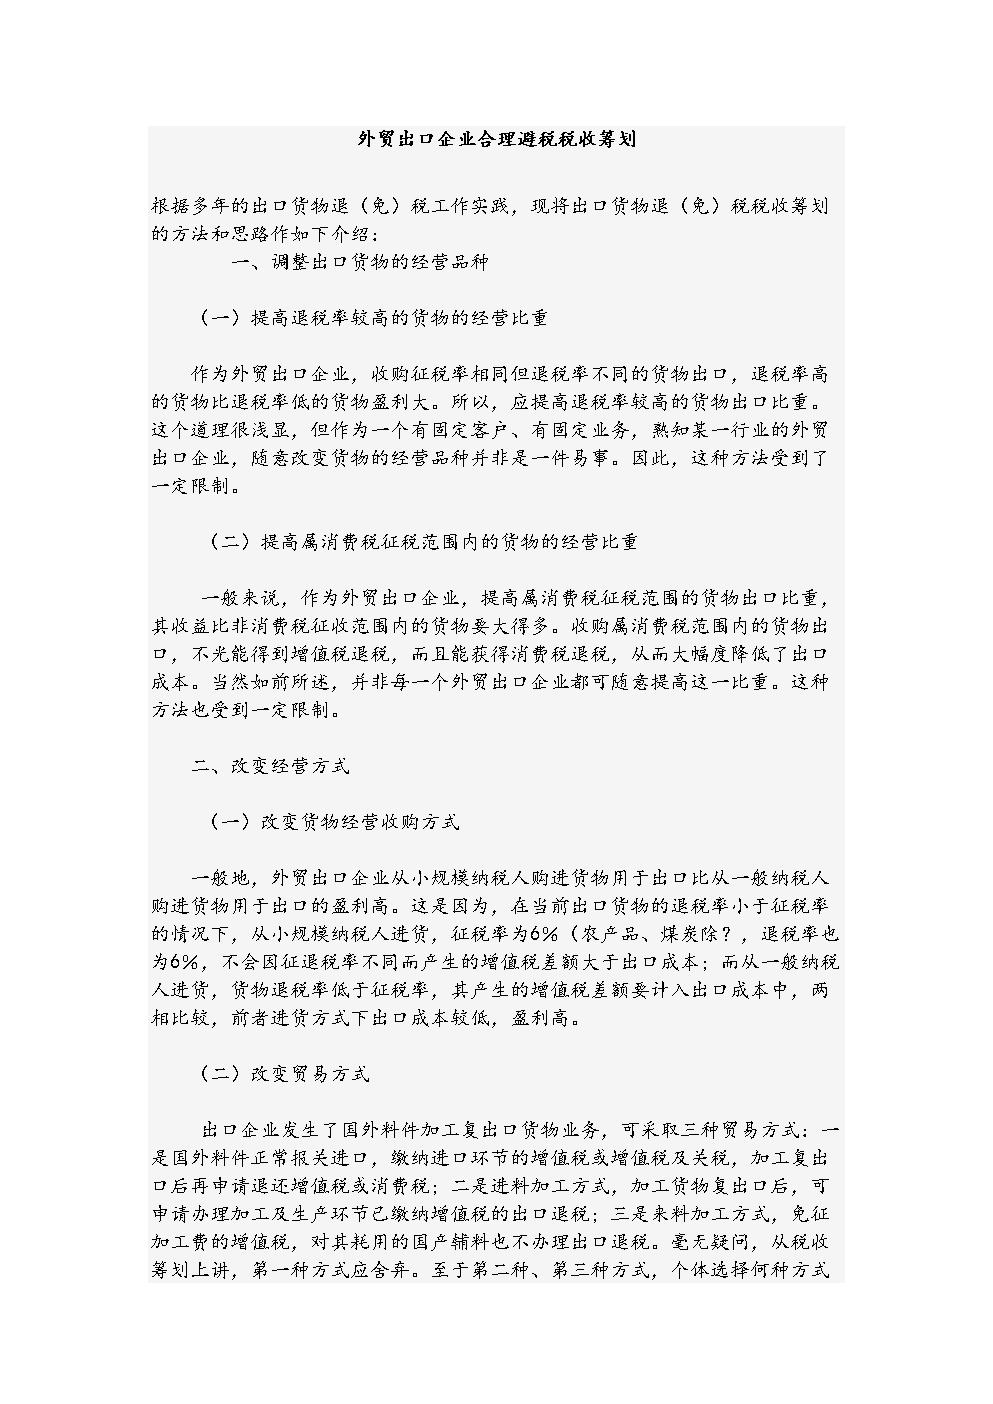 外贸出口企业合理避税税收筹划.doc